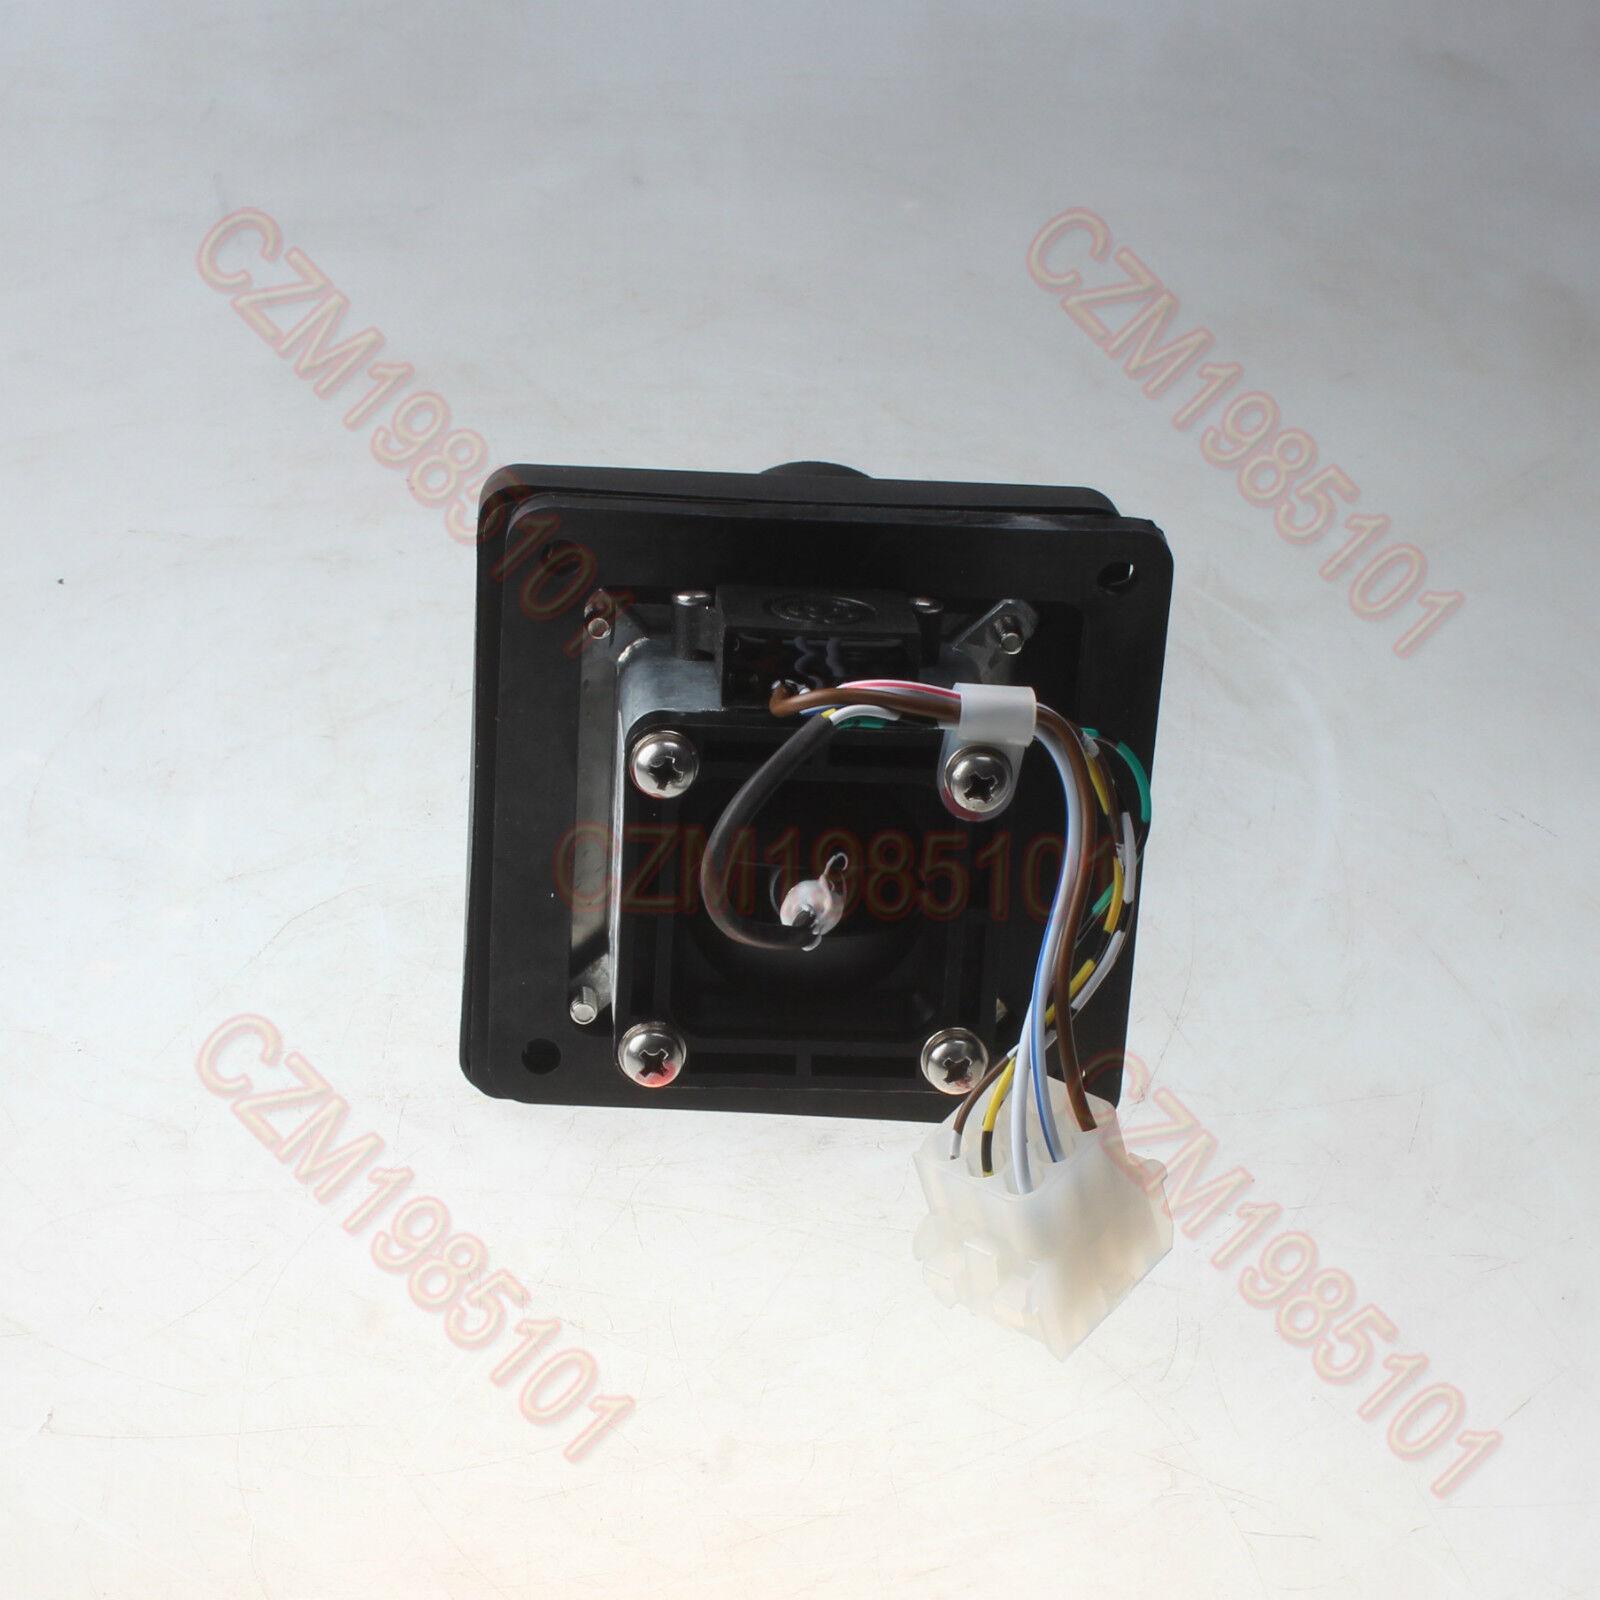 Joystick Controller For Jlg Scissor Lift 1930es 2030es 2630es 2646es Wiring Harness 3246es R6